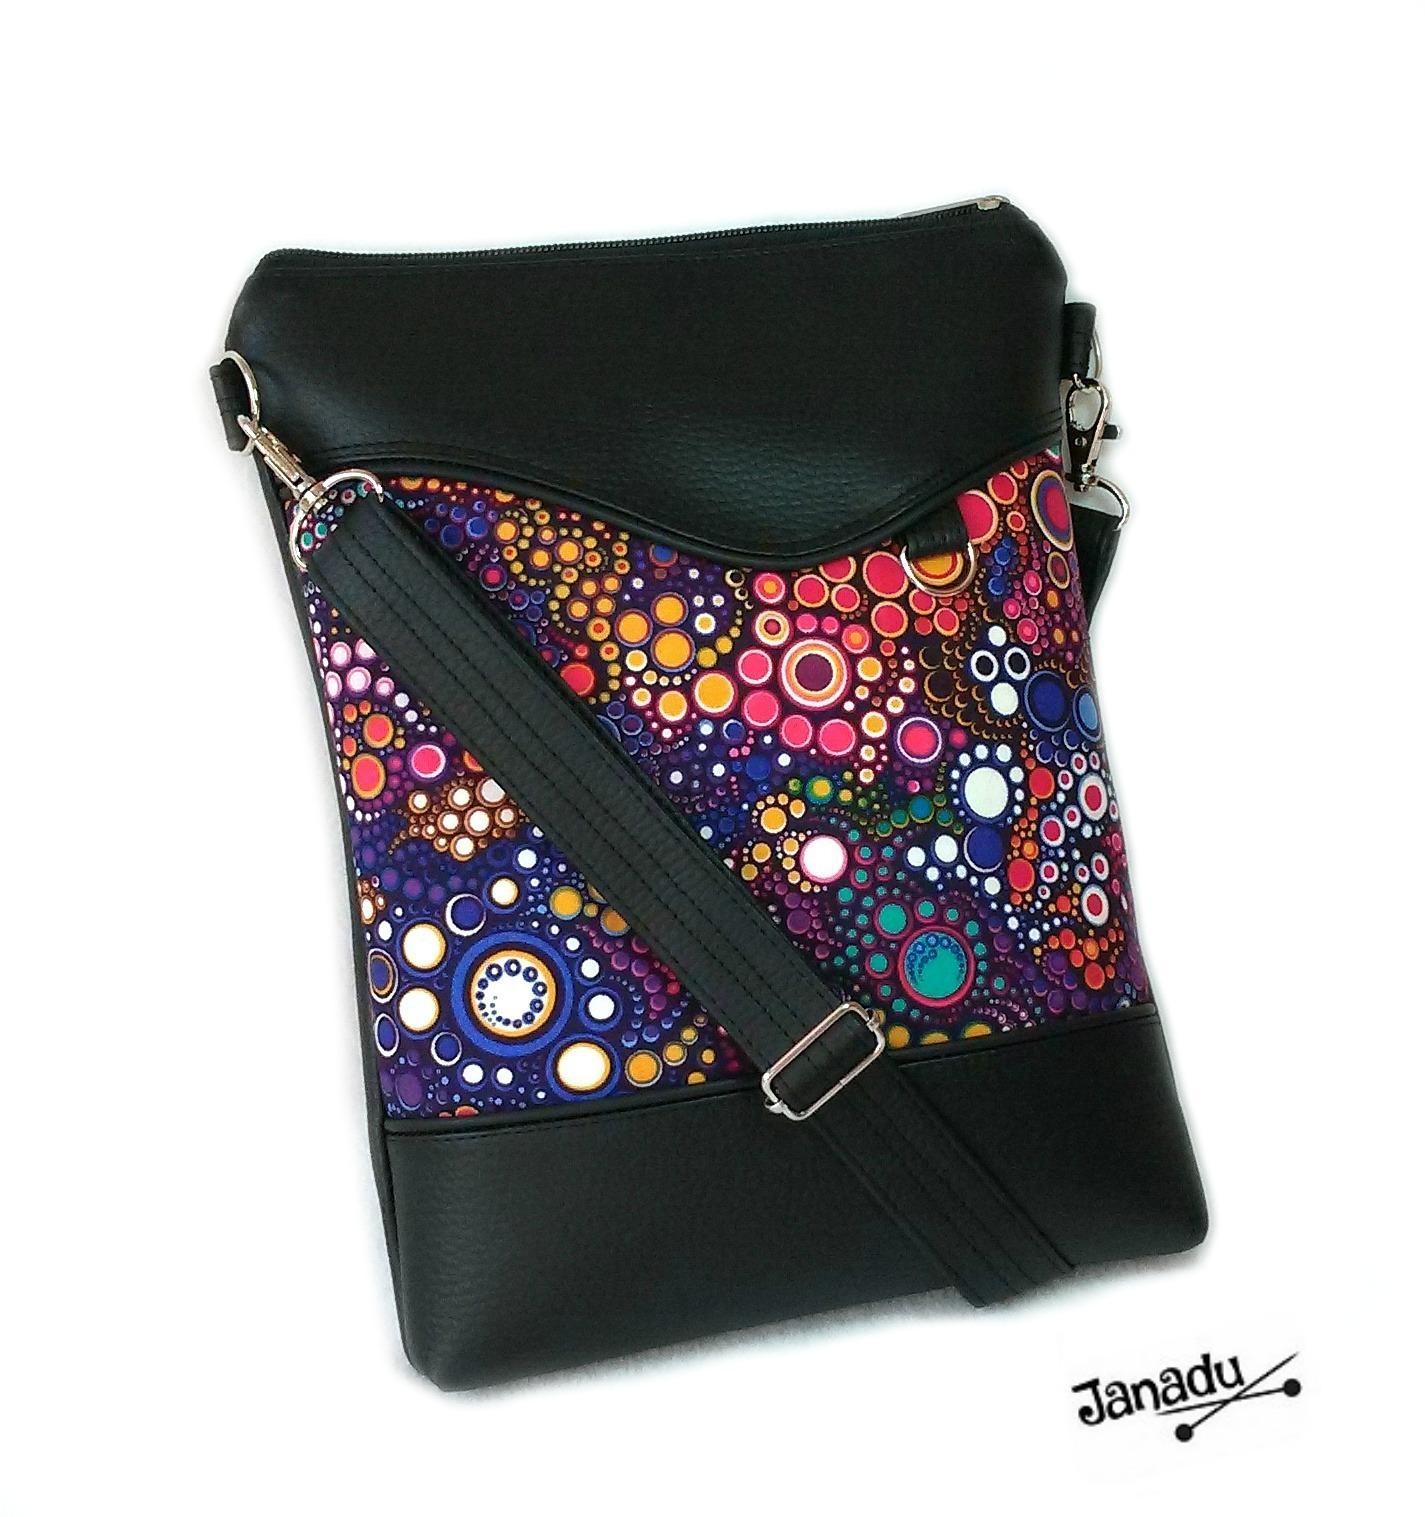 Kabelka - taška Bright   Zboží prodejce Janadu - Šité doplňky  e0f66e036ac